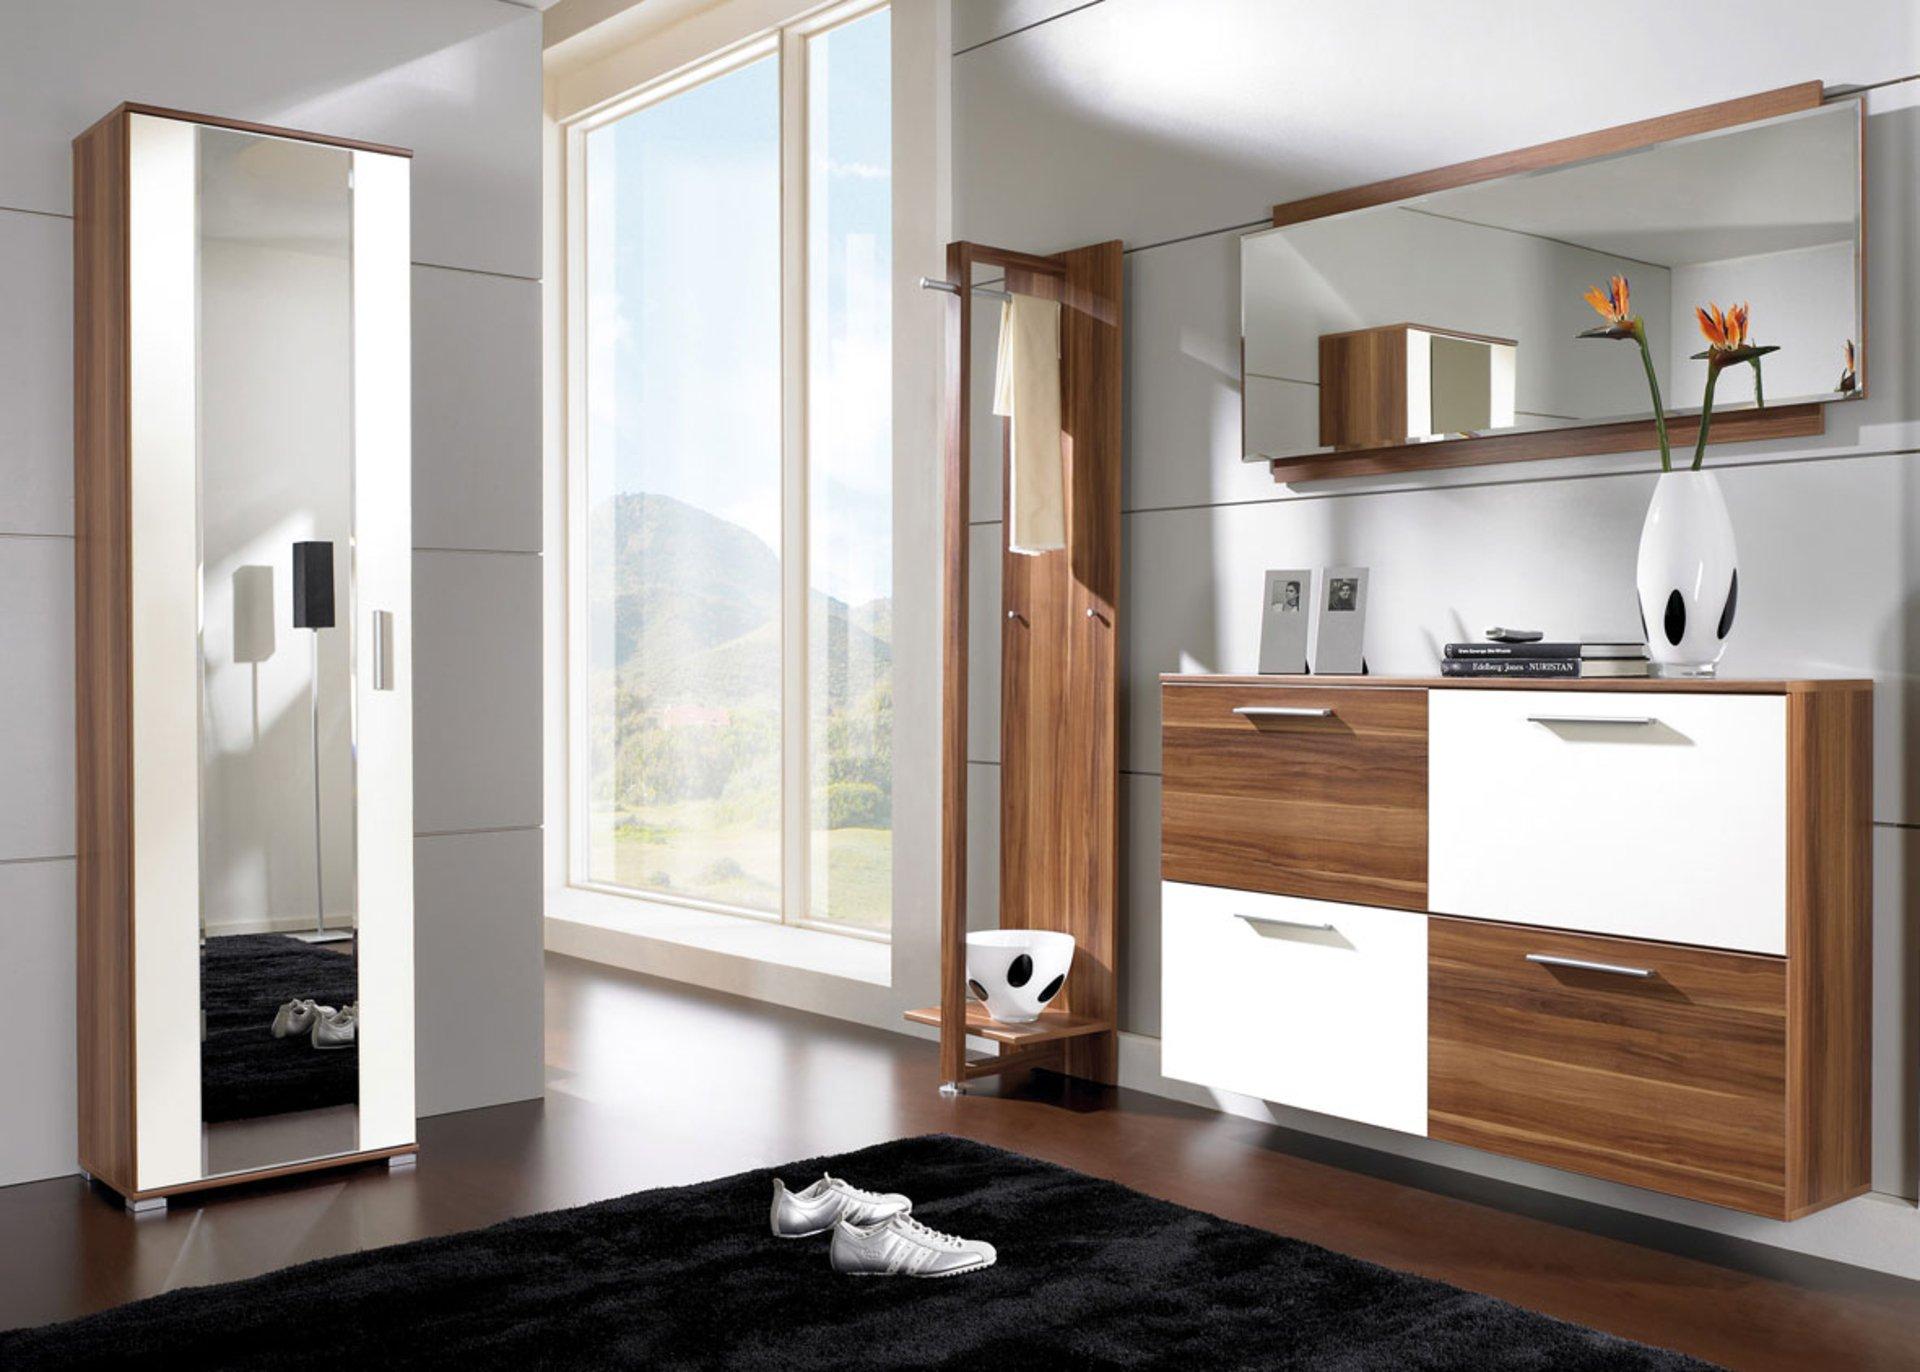 couloir-de-meuble-design-moderne-avec-meuble-mural-en-bois-miroir-et-petit-vestiaire